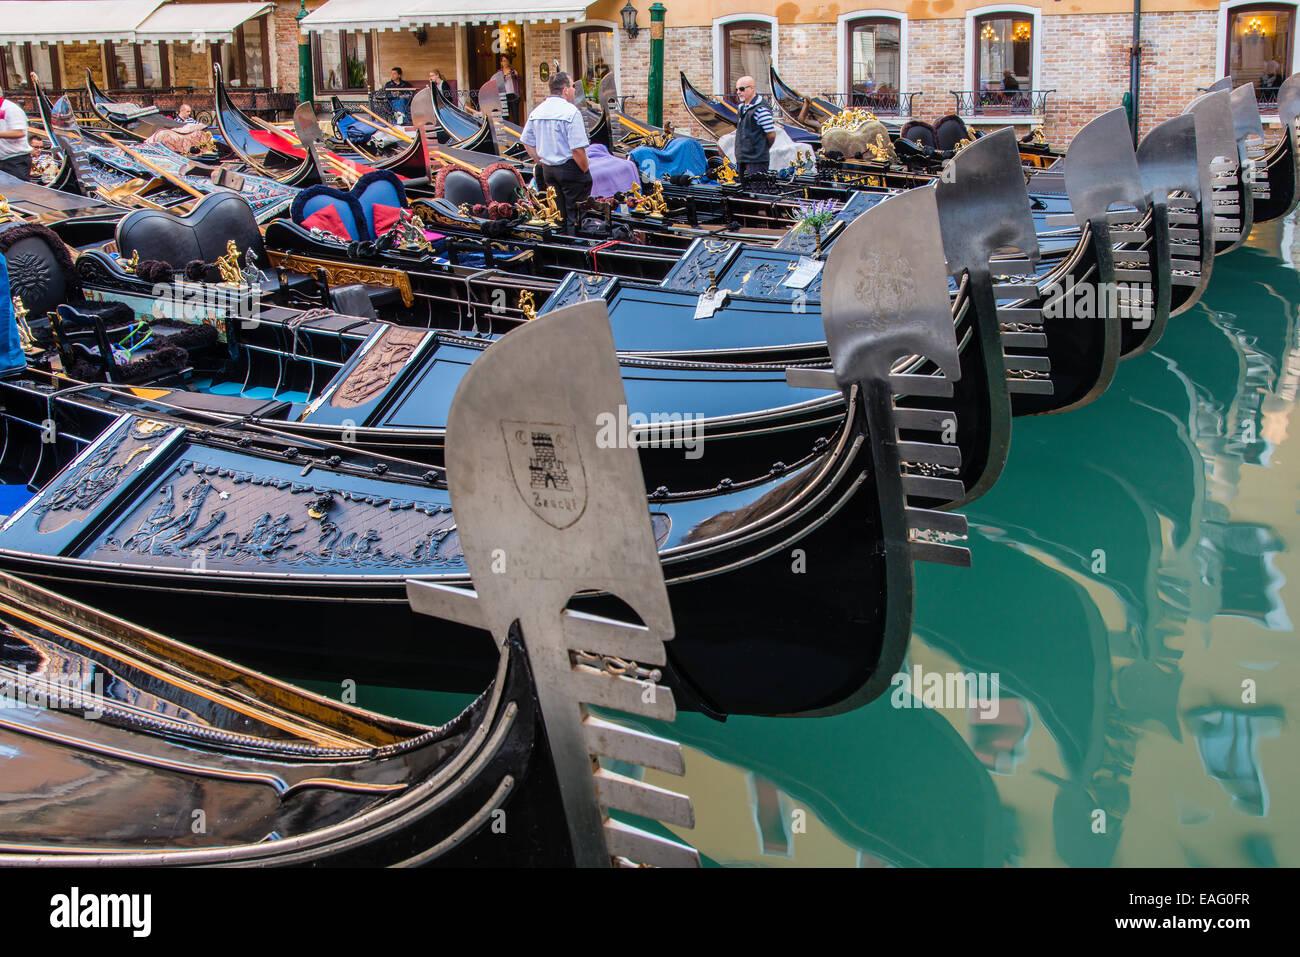 Bows of gondolas in a row, Venice, Veneto, Italy - Stock Image